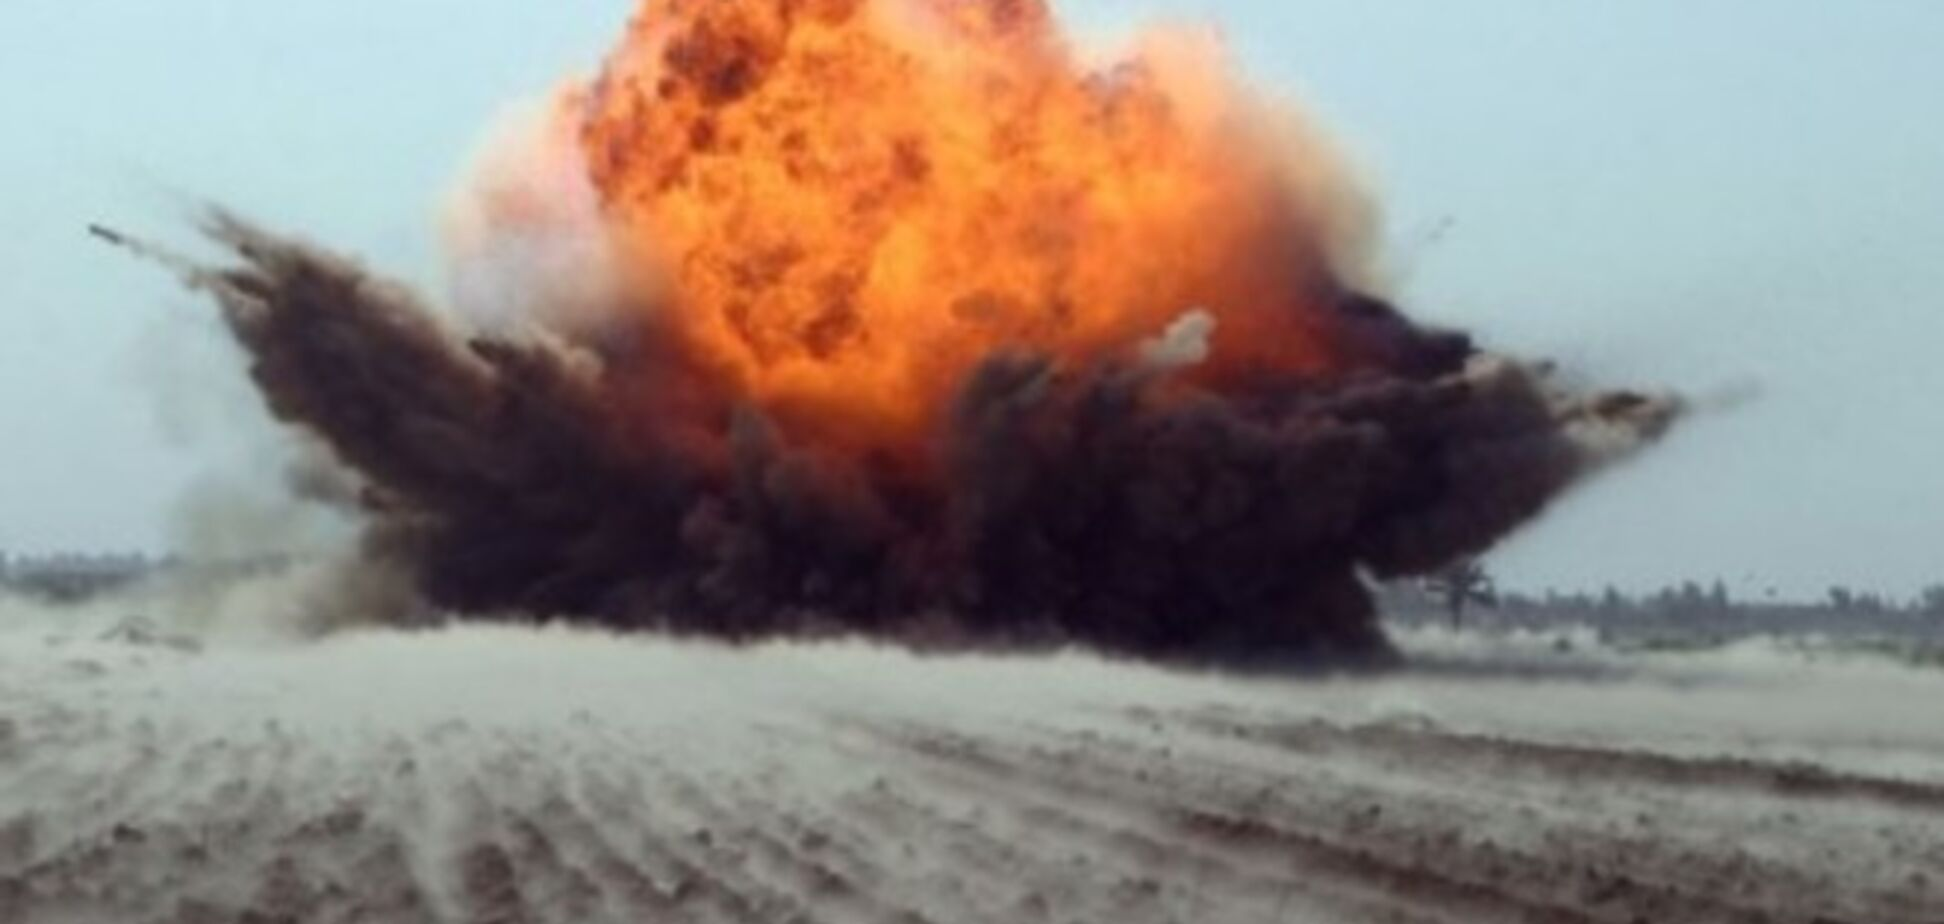 Силы АТО под Мариуполем ответным огнем уничтожили 10 единиц техники, 40 террористов - 'груз 200'